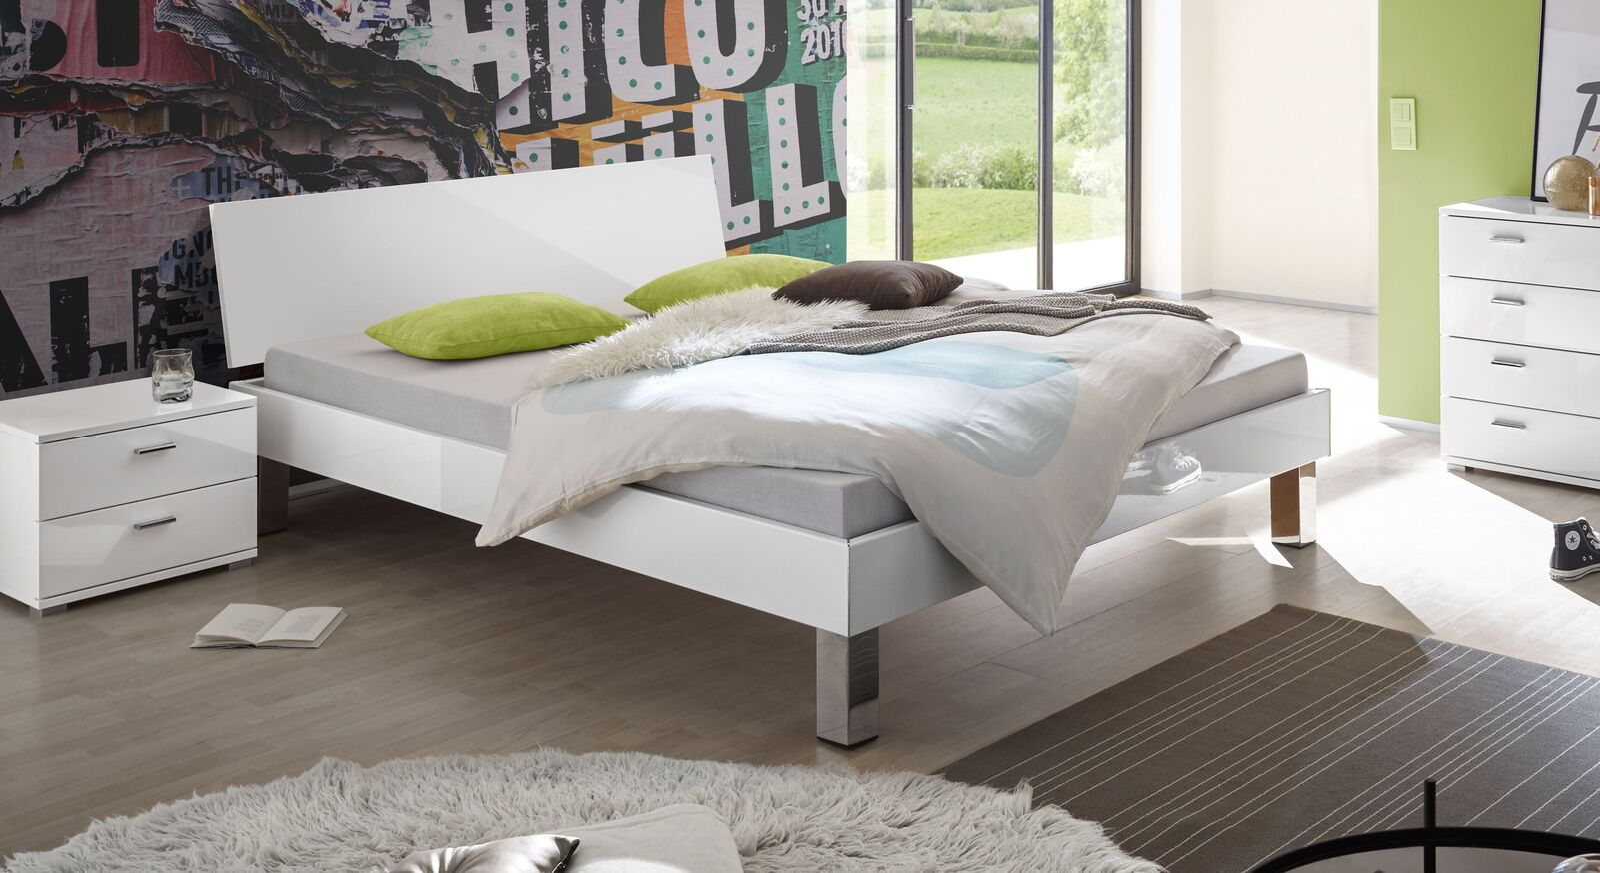 Zweifarbiges Bett Kamea mit Dekoroberfläche